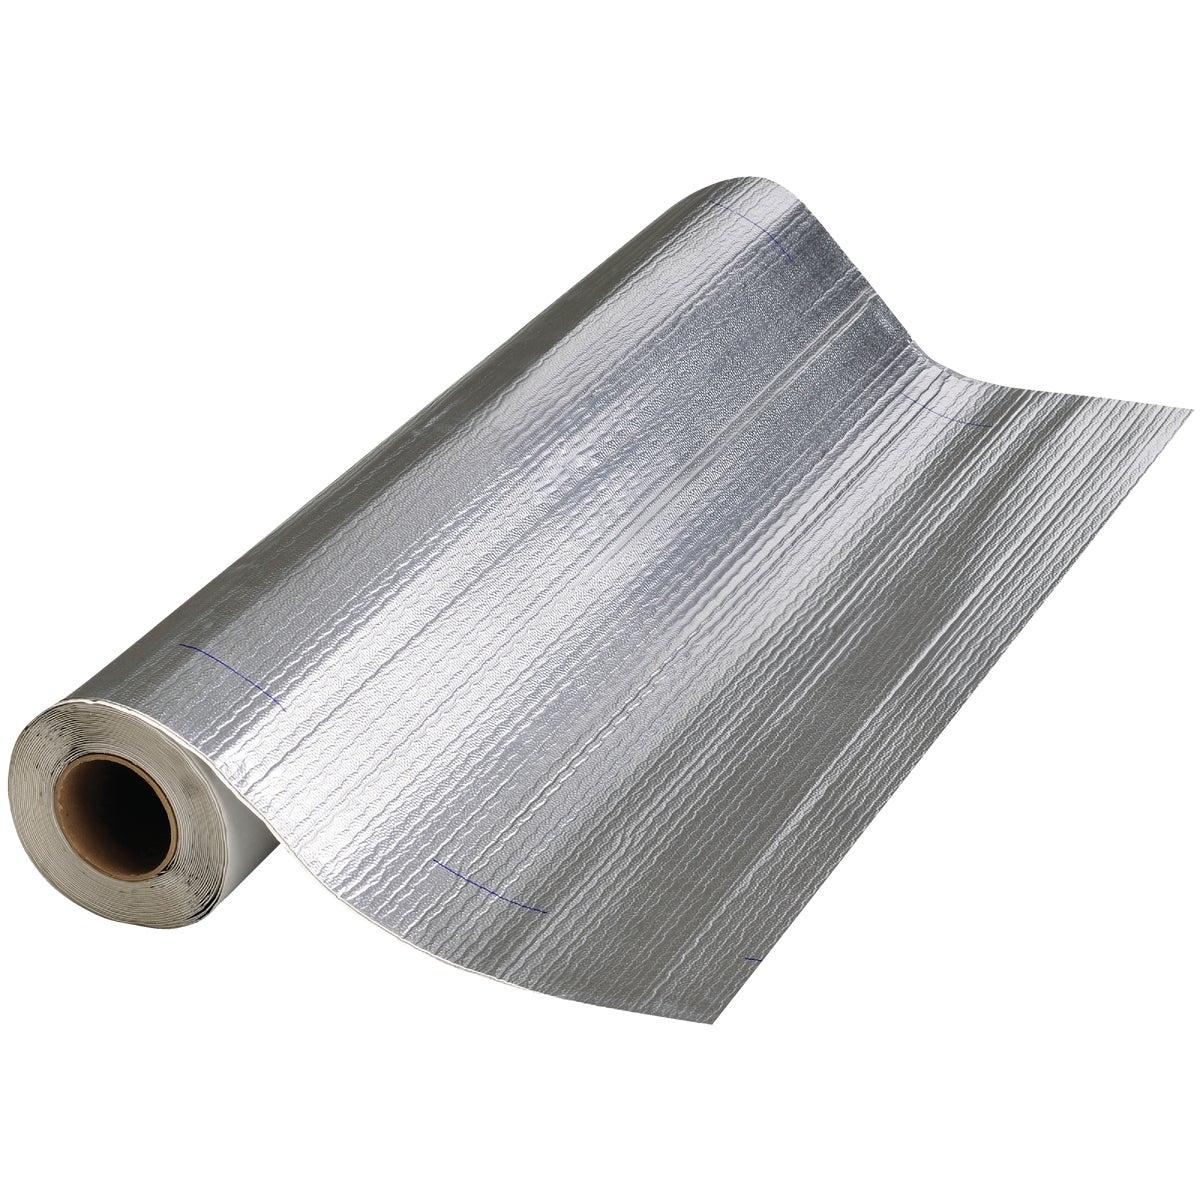 Peel & Seal Aluminum Roofing Membrane